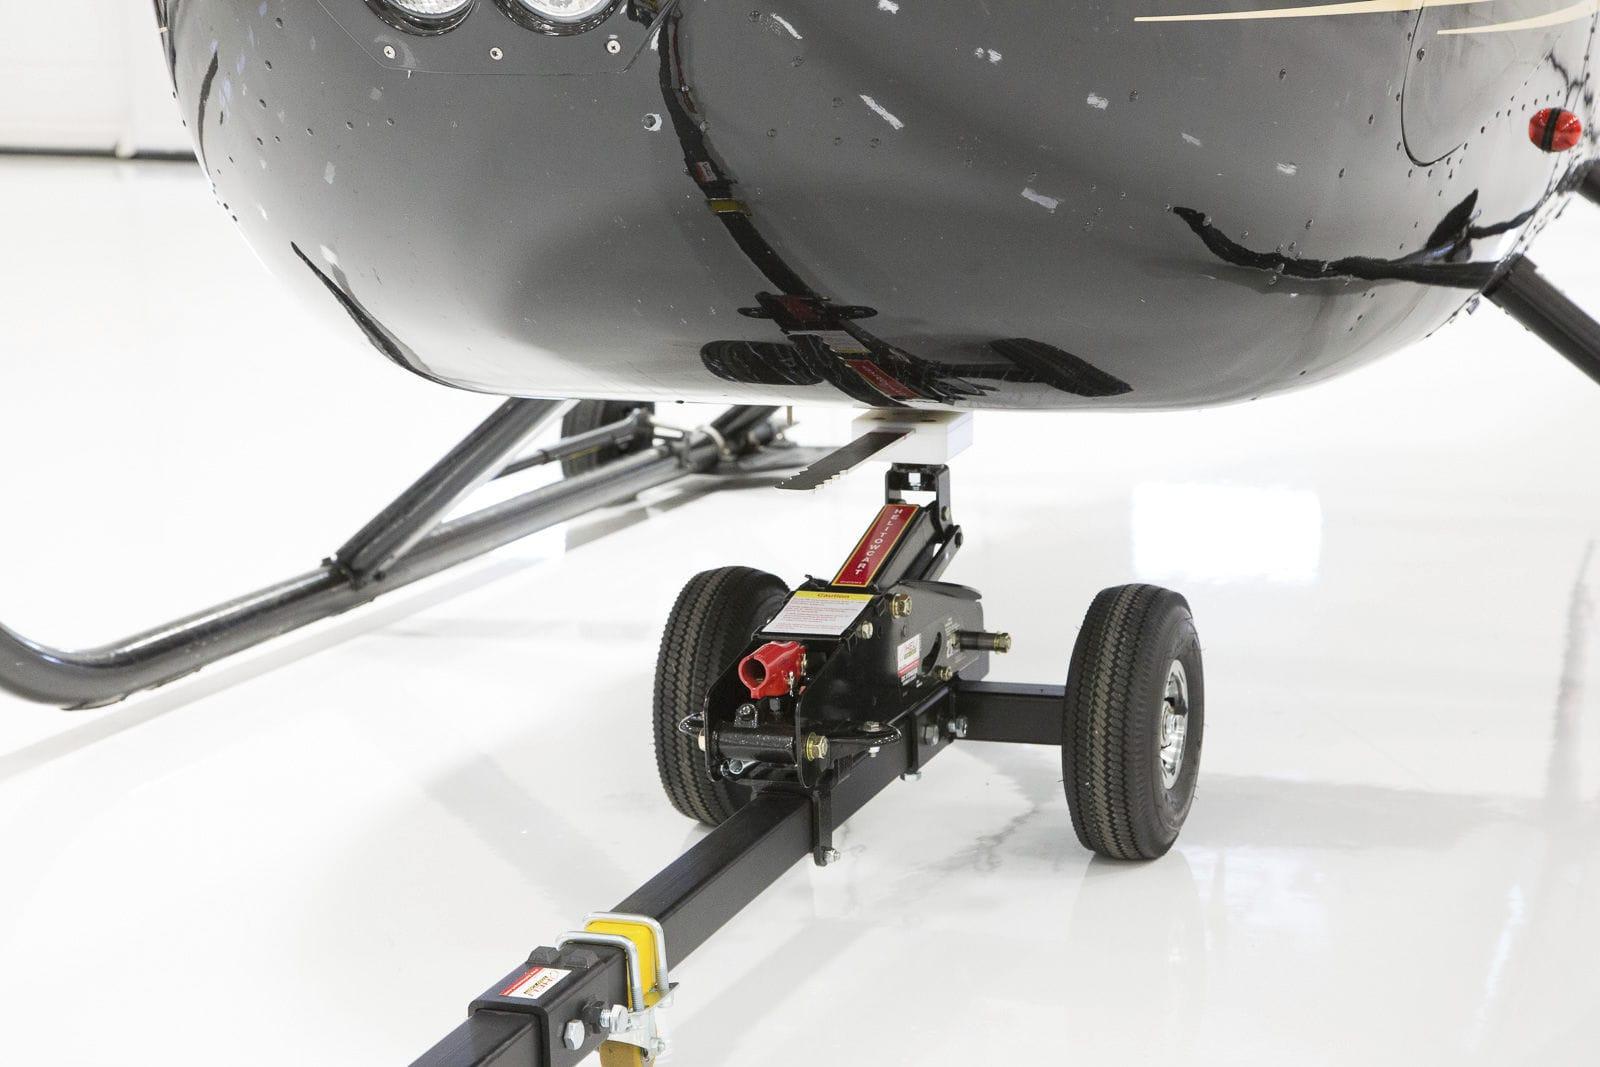 Elicottero R66 : Barra di traino manuale per elicottero per aeroporto htb